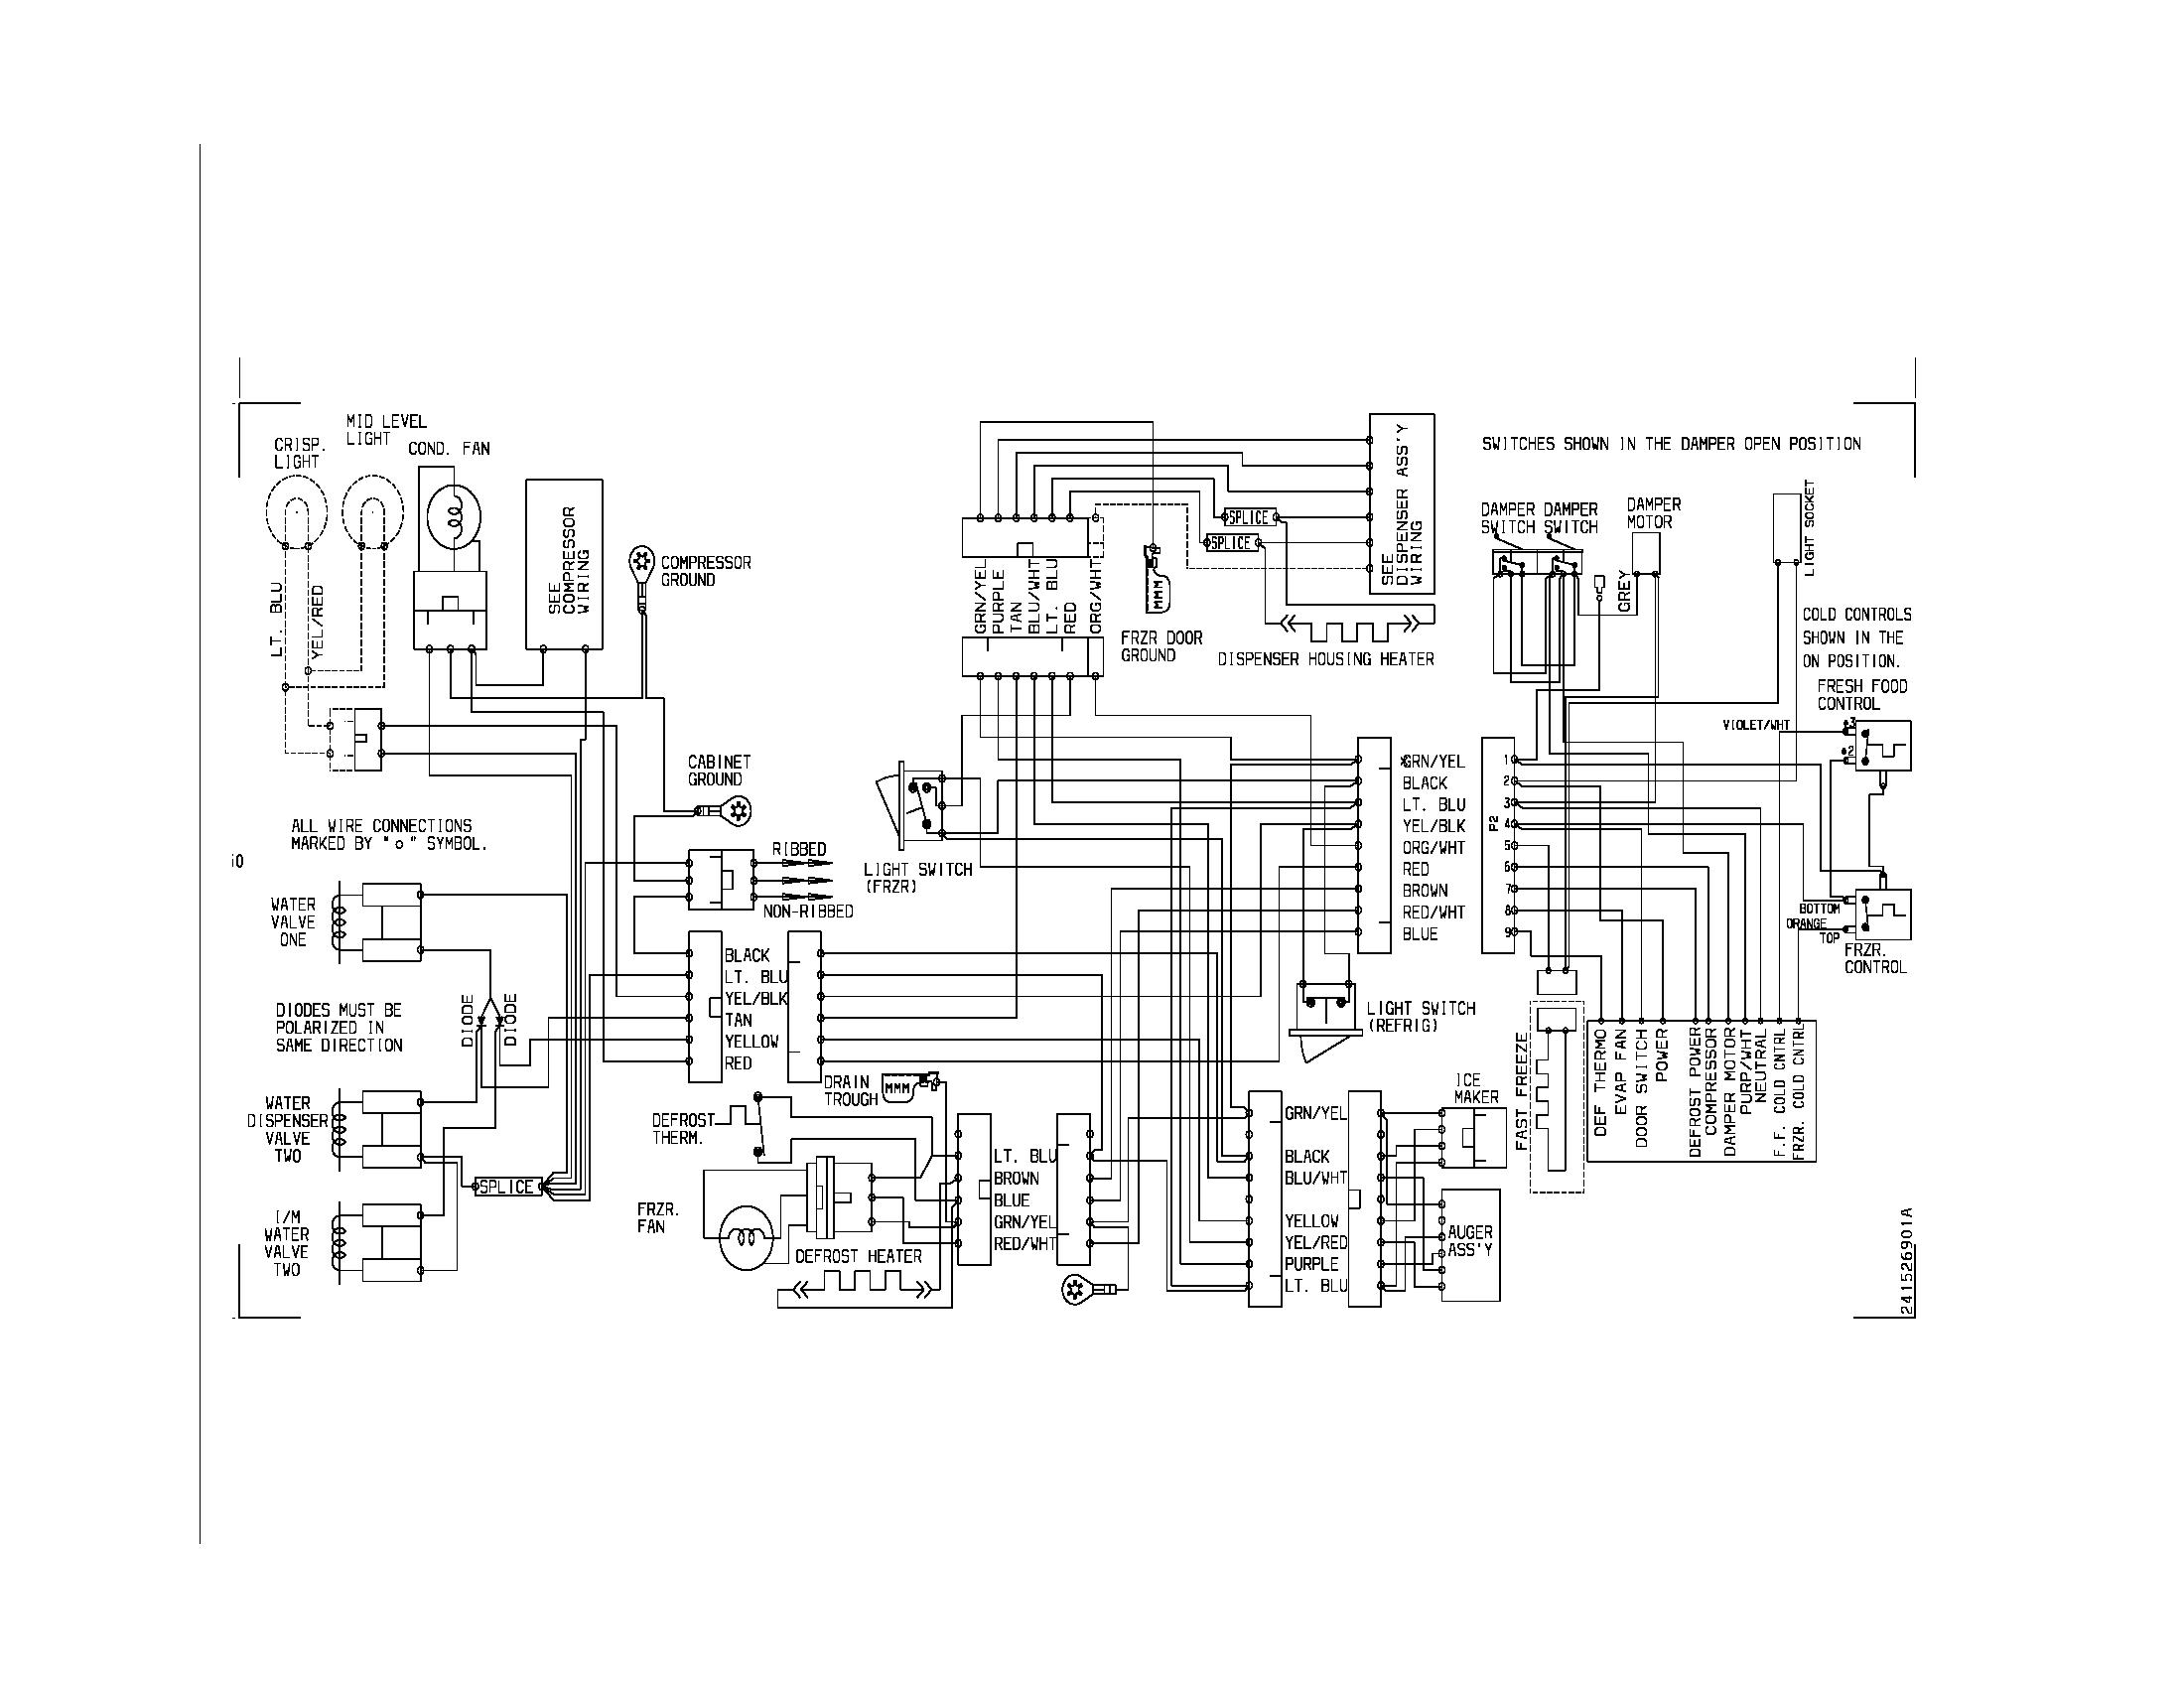 Frigidaire model FRS6LR5EM2 side-by-side refrigerator